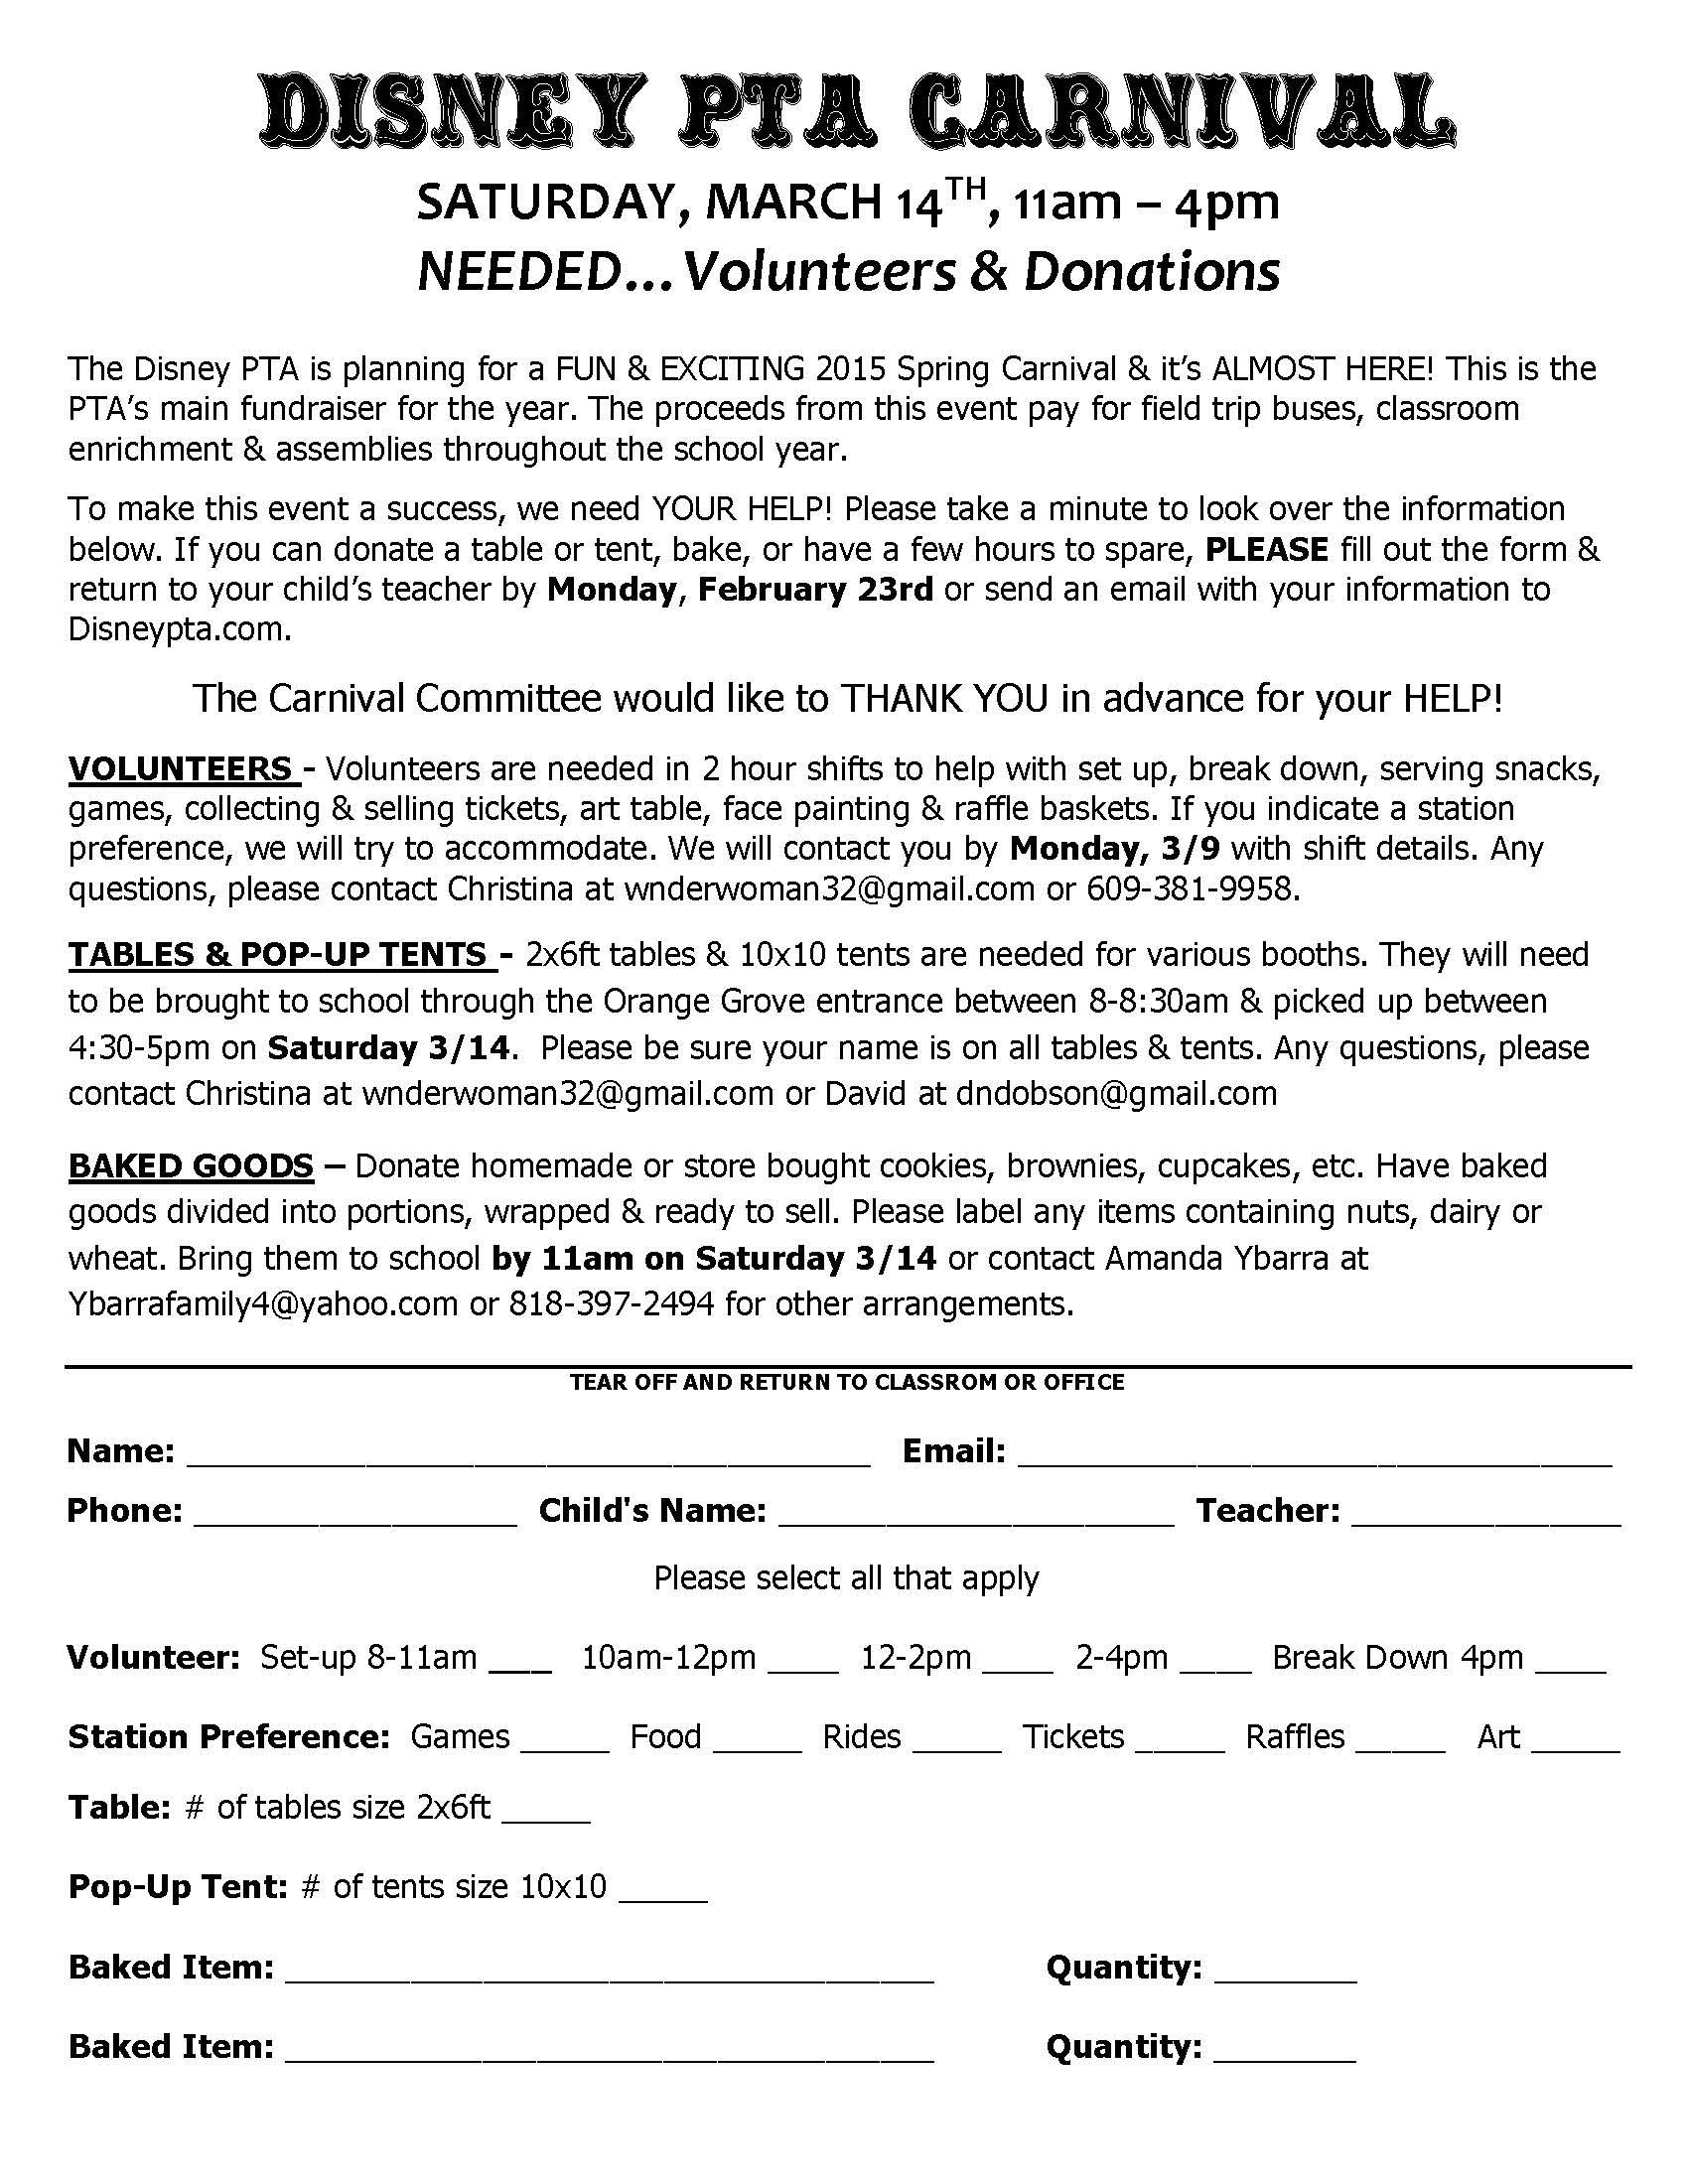 Carnival_Help_Flyer.jpg